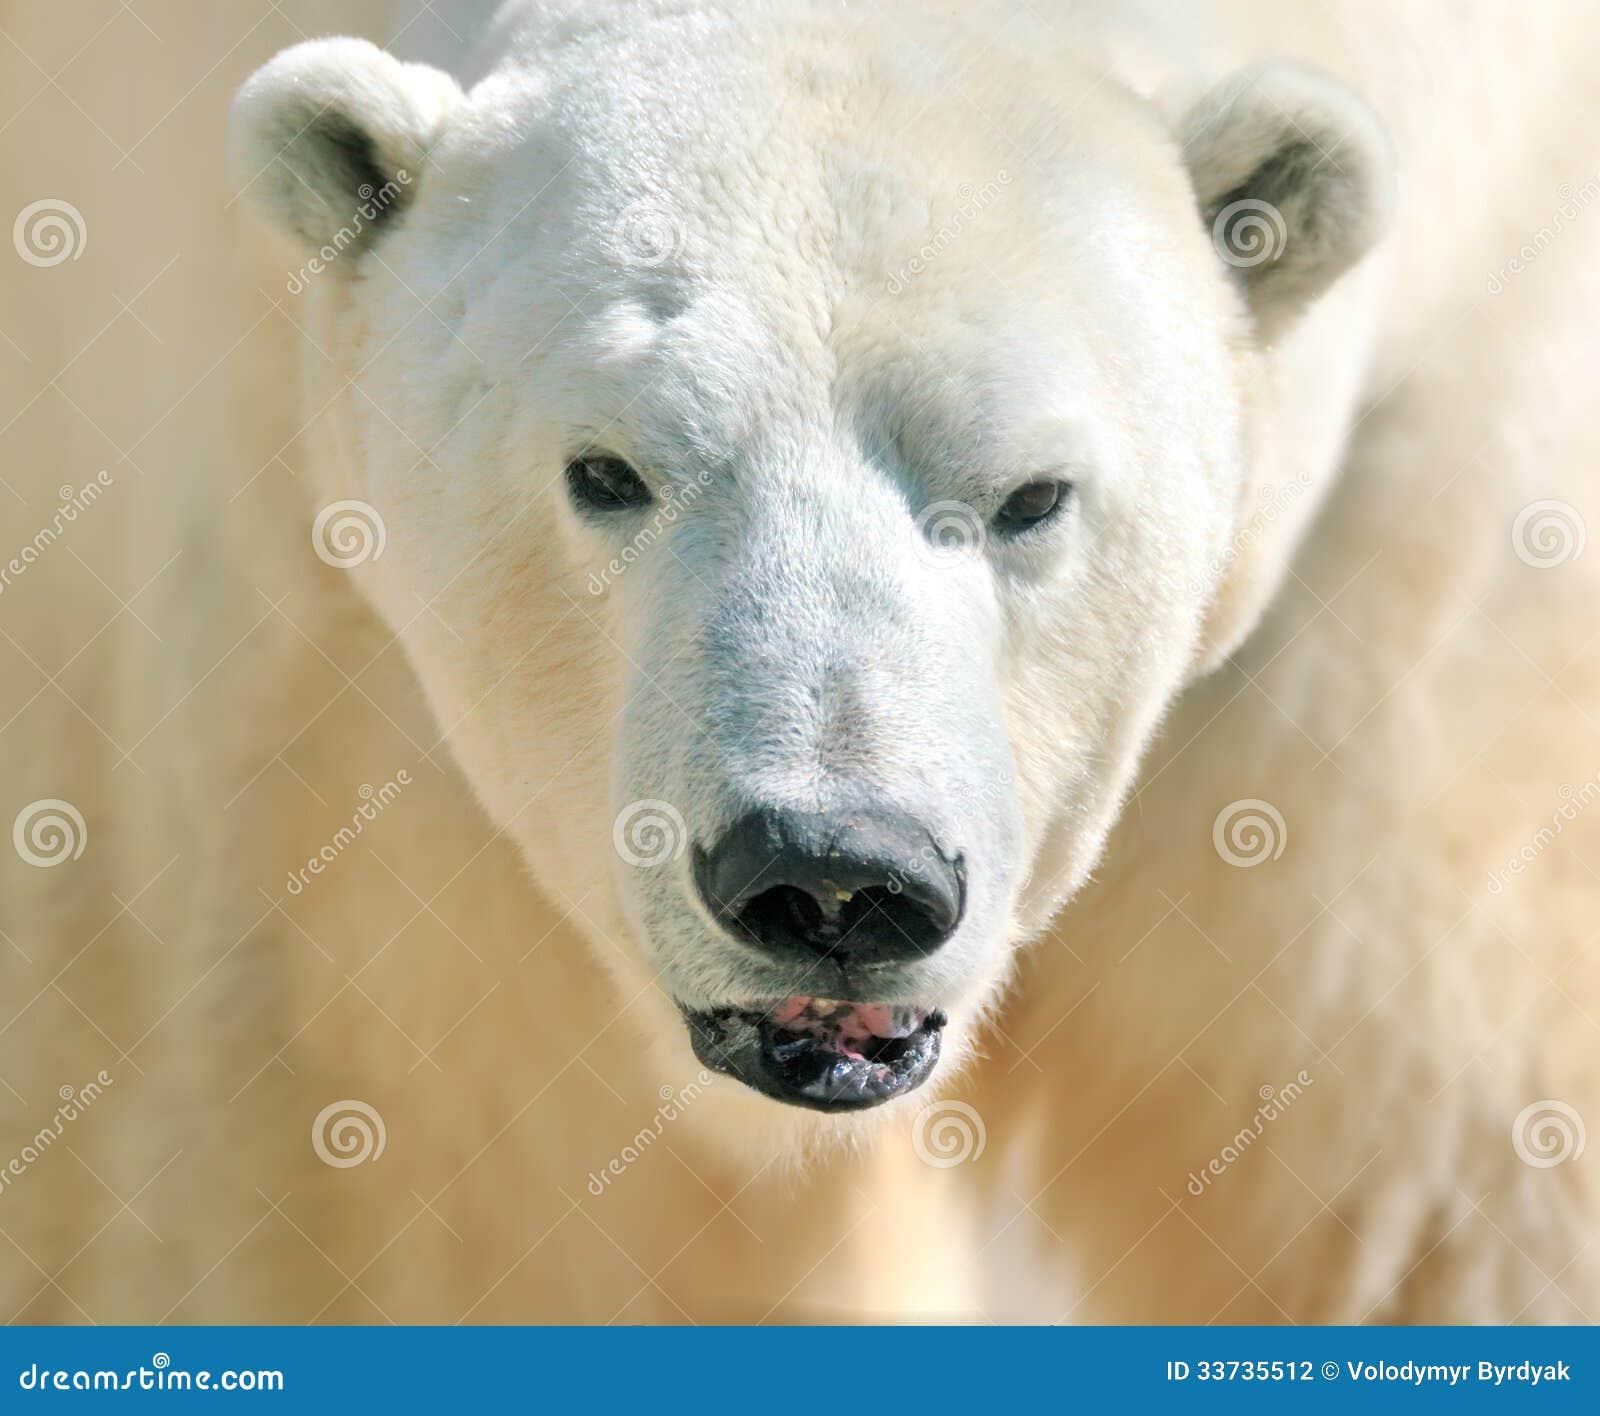 熊乃瑺yak9�+�,_no pr: no 2 253 2 北极熊 id 33735512 © volodymyr byrdyak